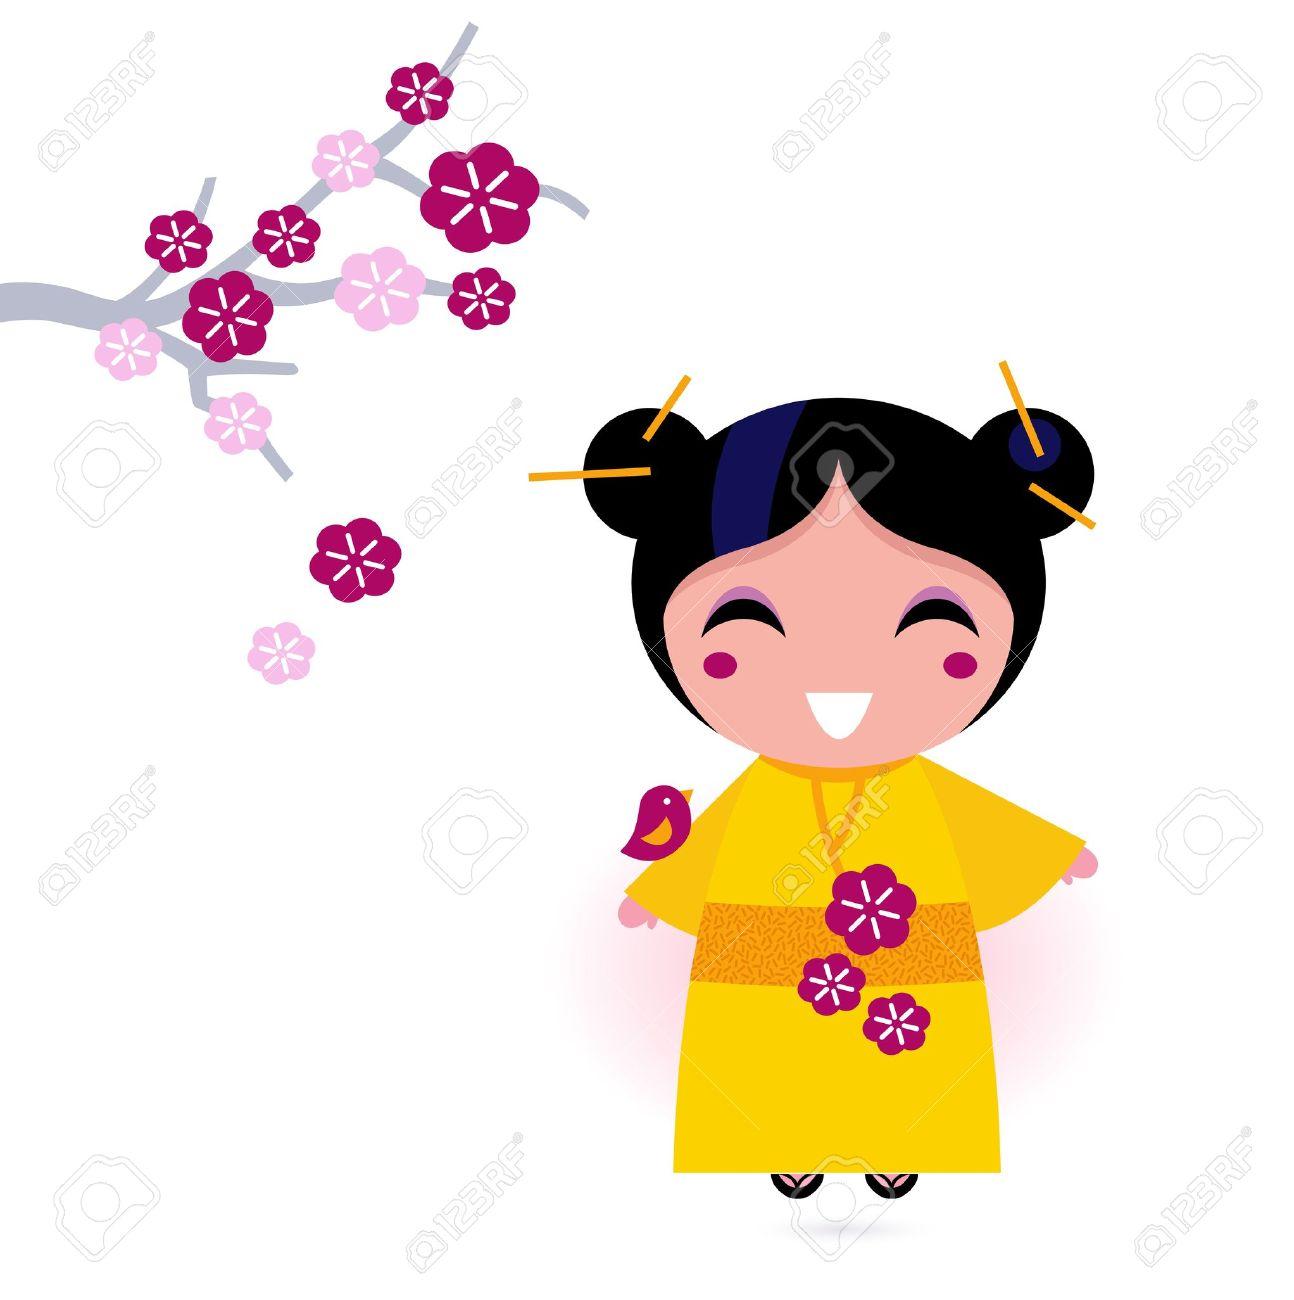 かわいい日本人女の子。ベクトル イラスト ロイヤリティフリークリップ